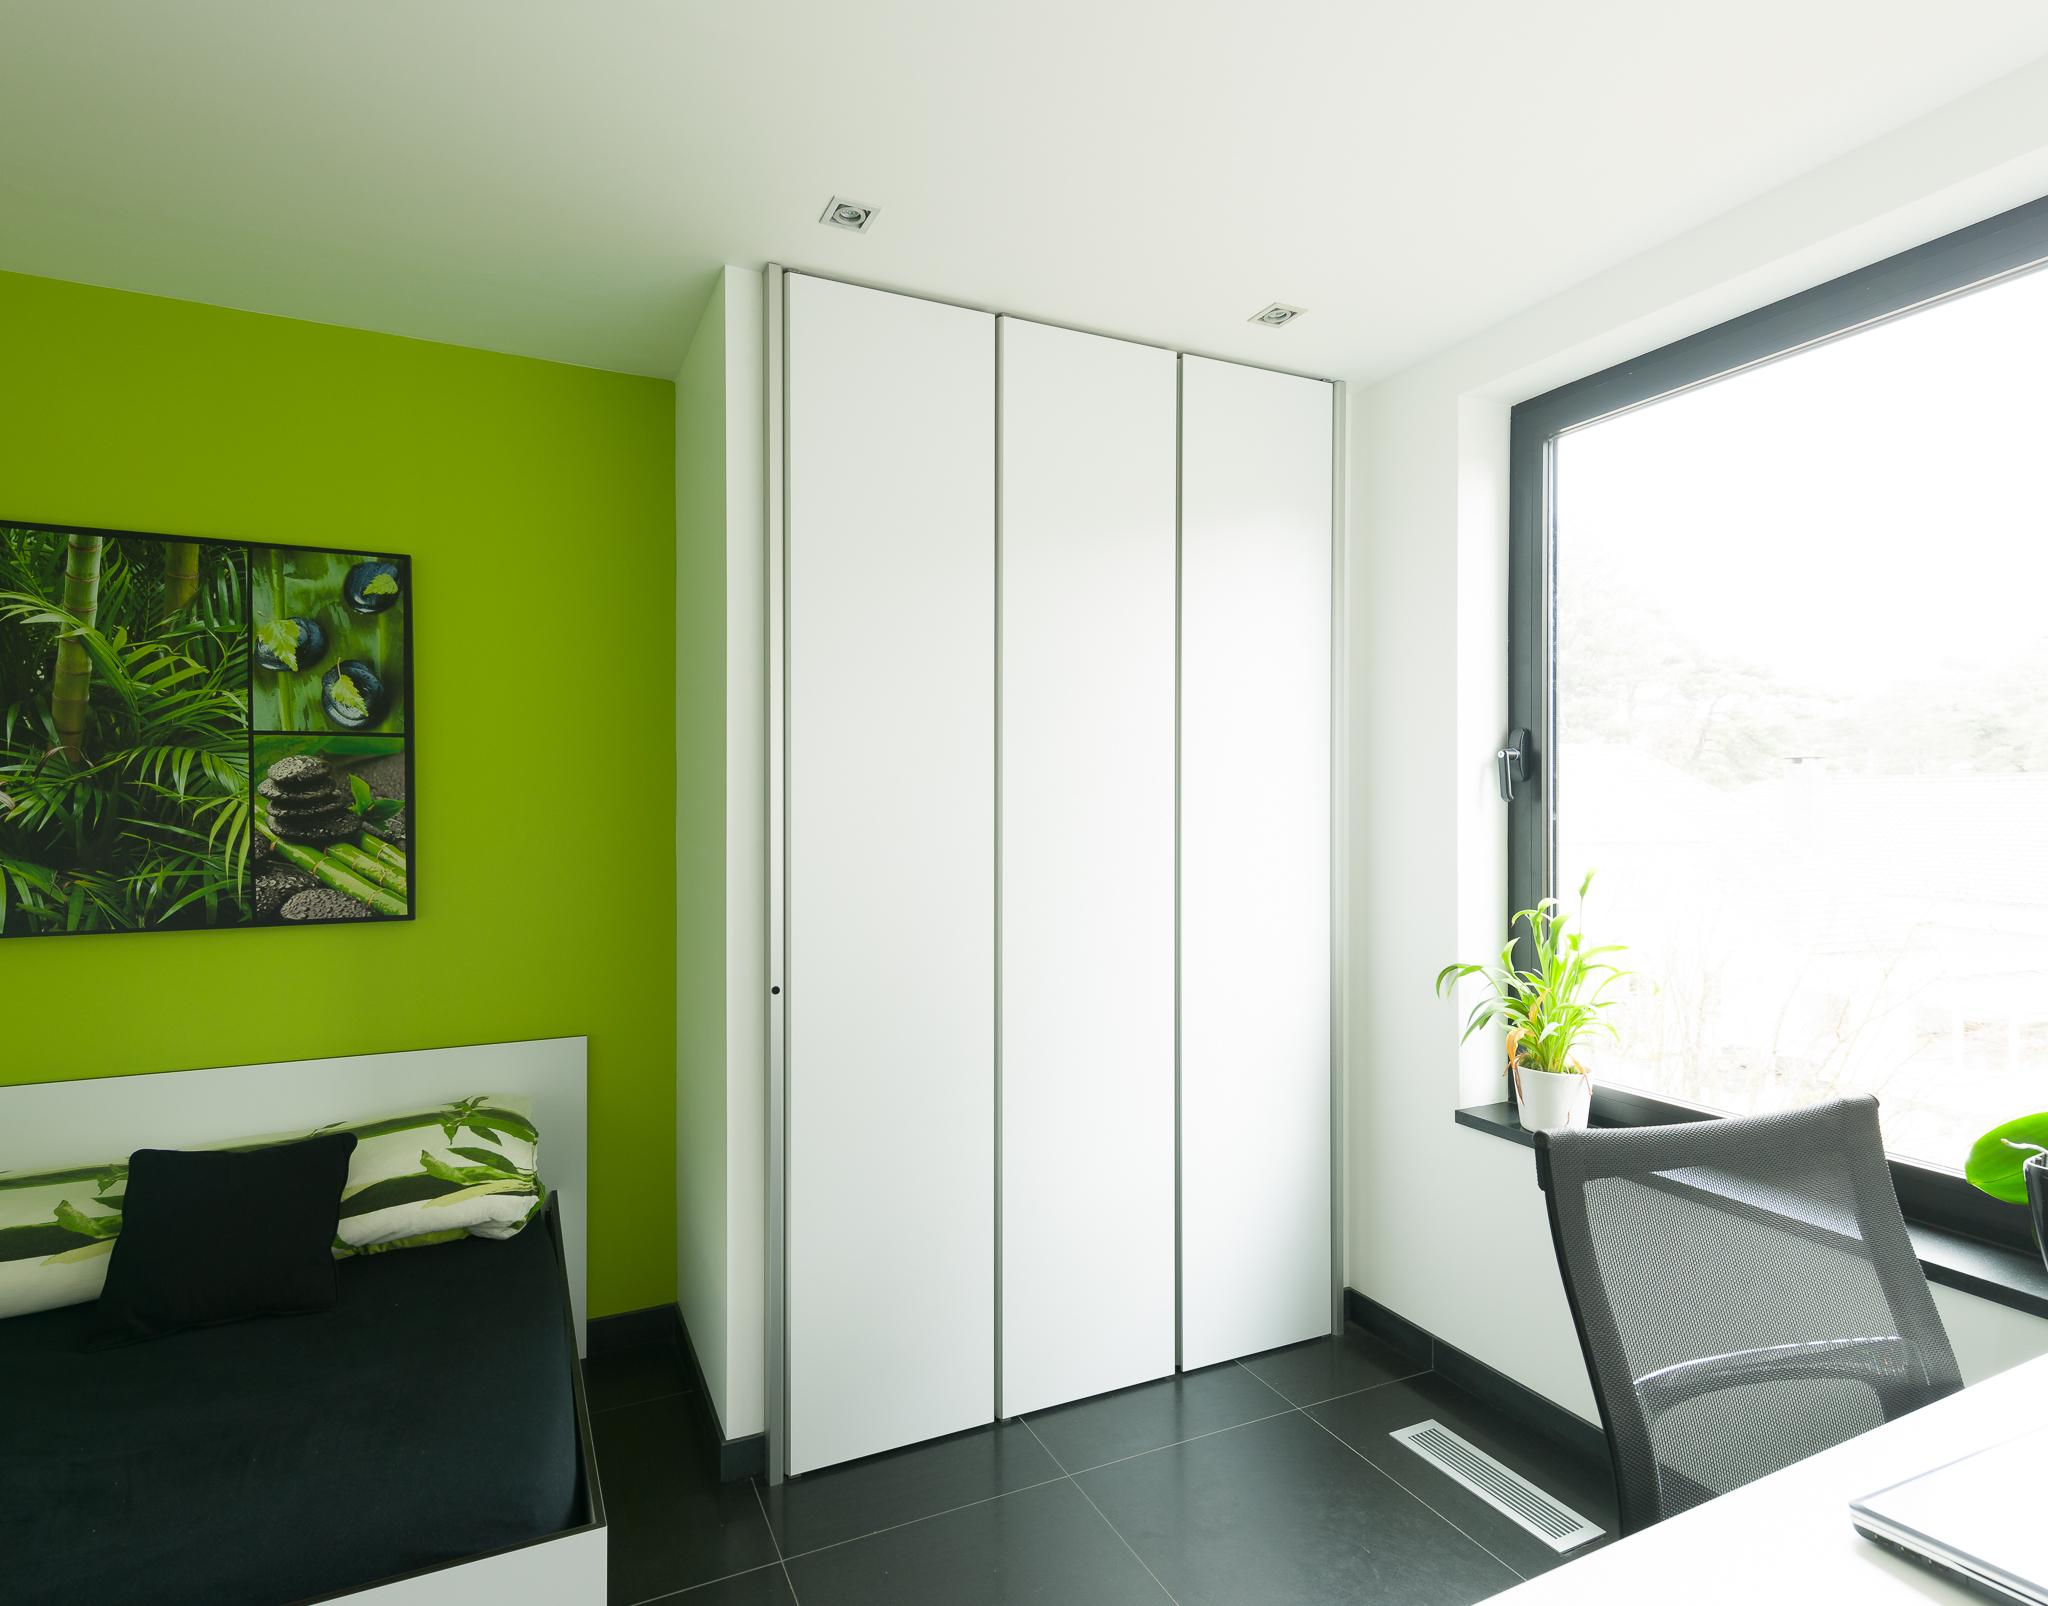 http://dressaway.com/wp-content/uploads/2013/10/Moderne-inbouwkasten-op-maat-voor-een-slaapkamer.jpg